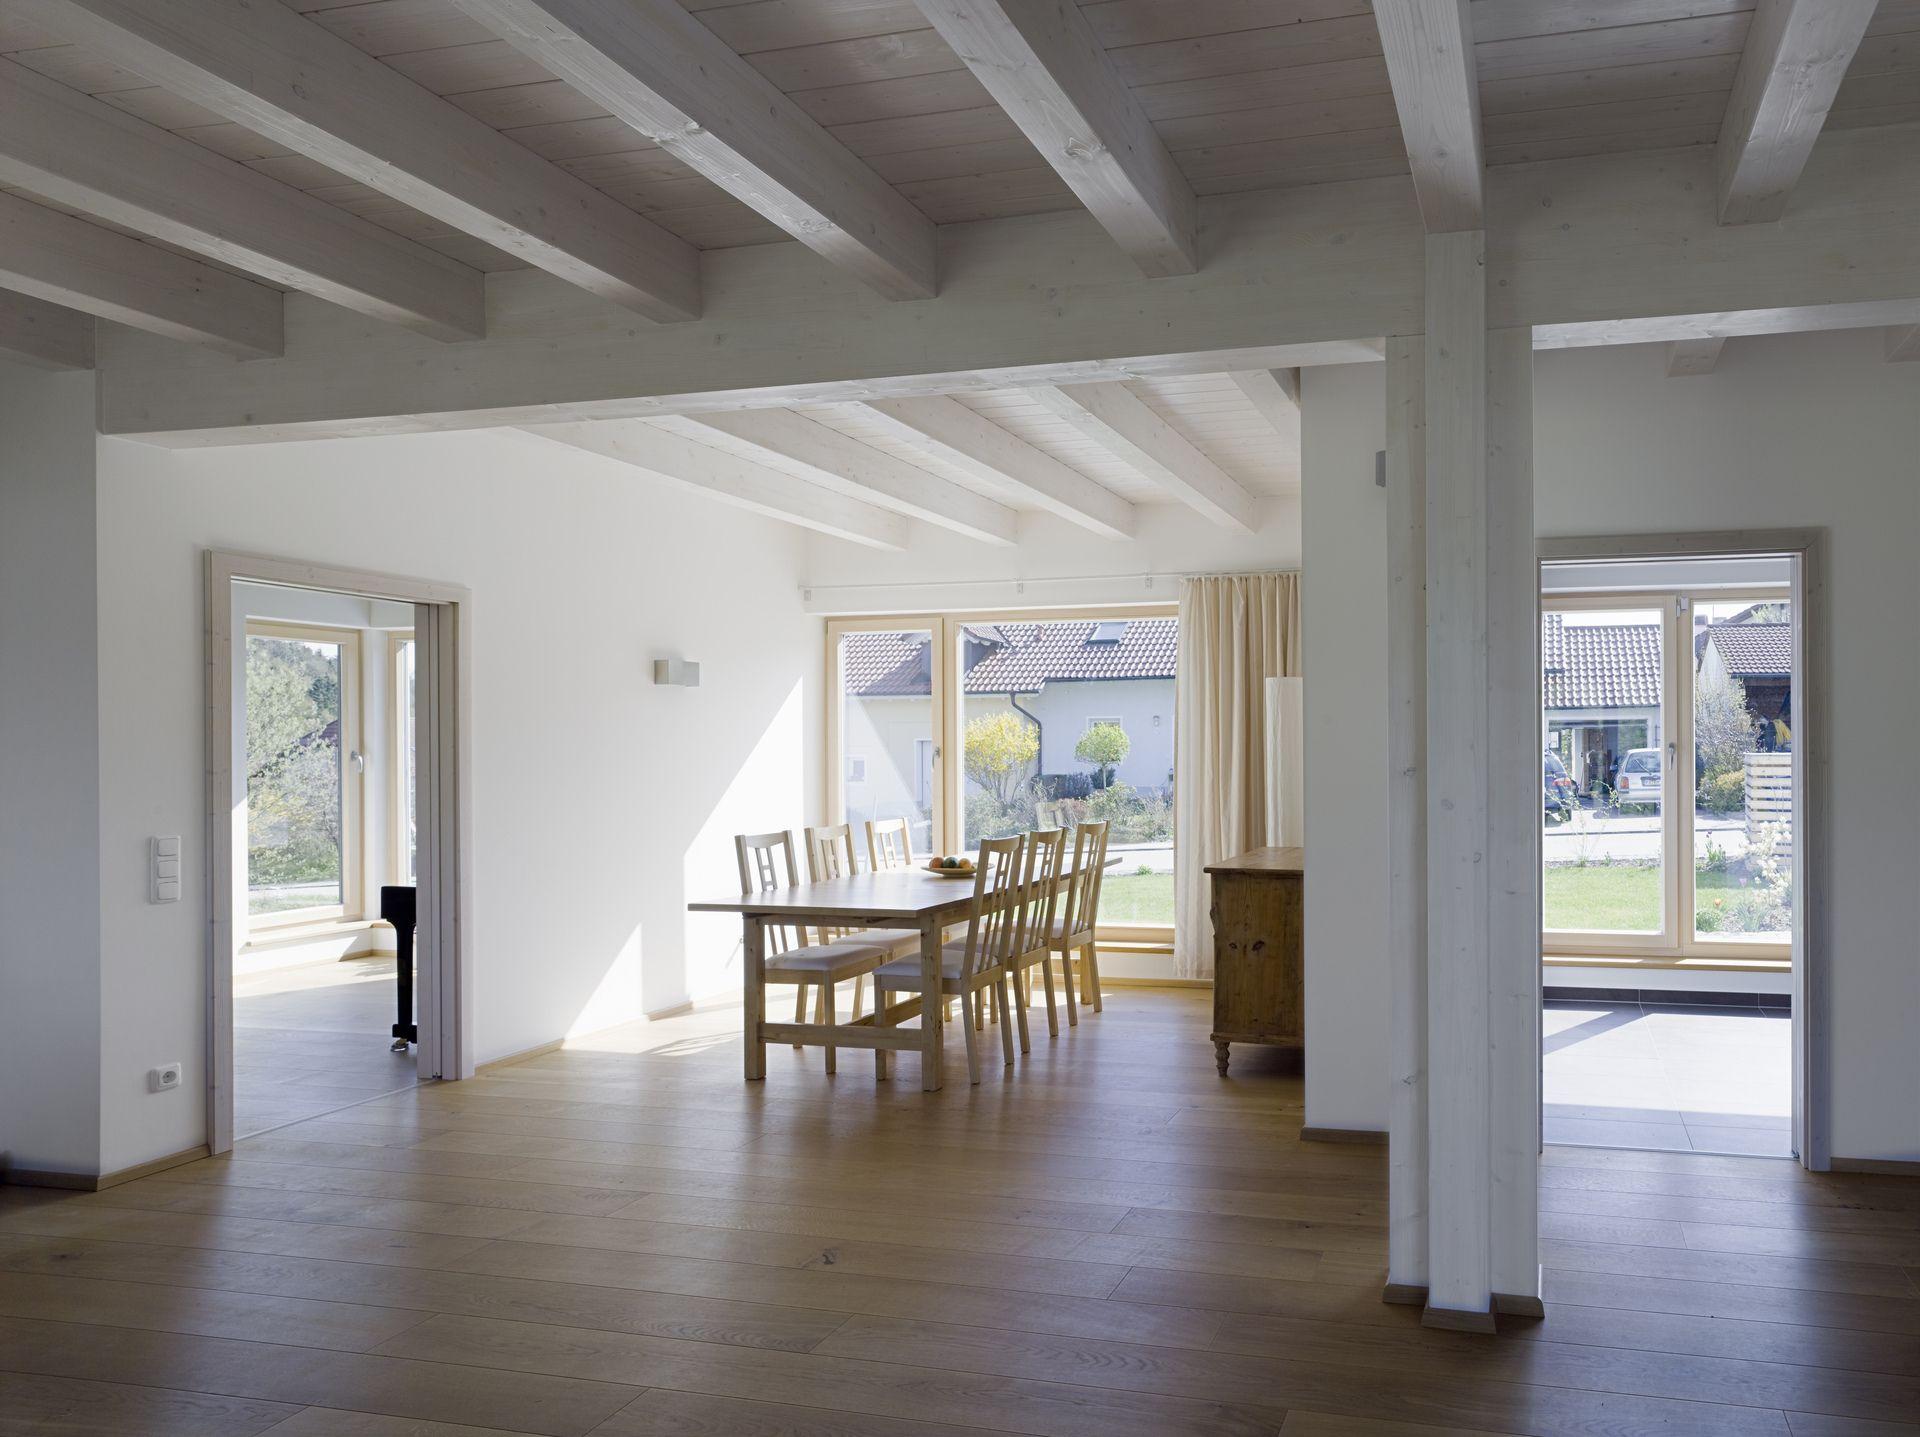 Esszimmer im landhaus stil - Landhaus esszimmer ...